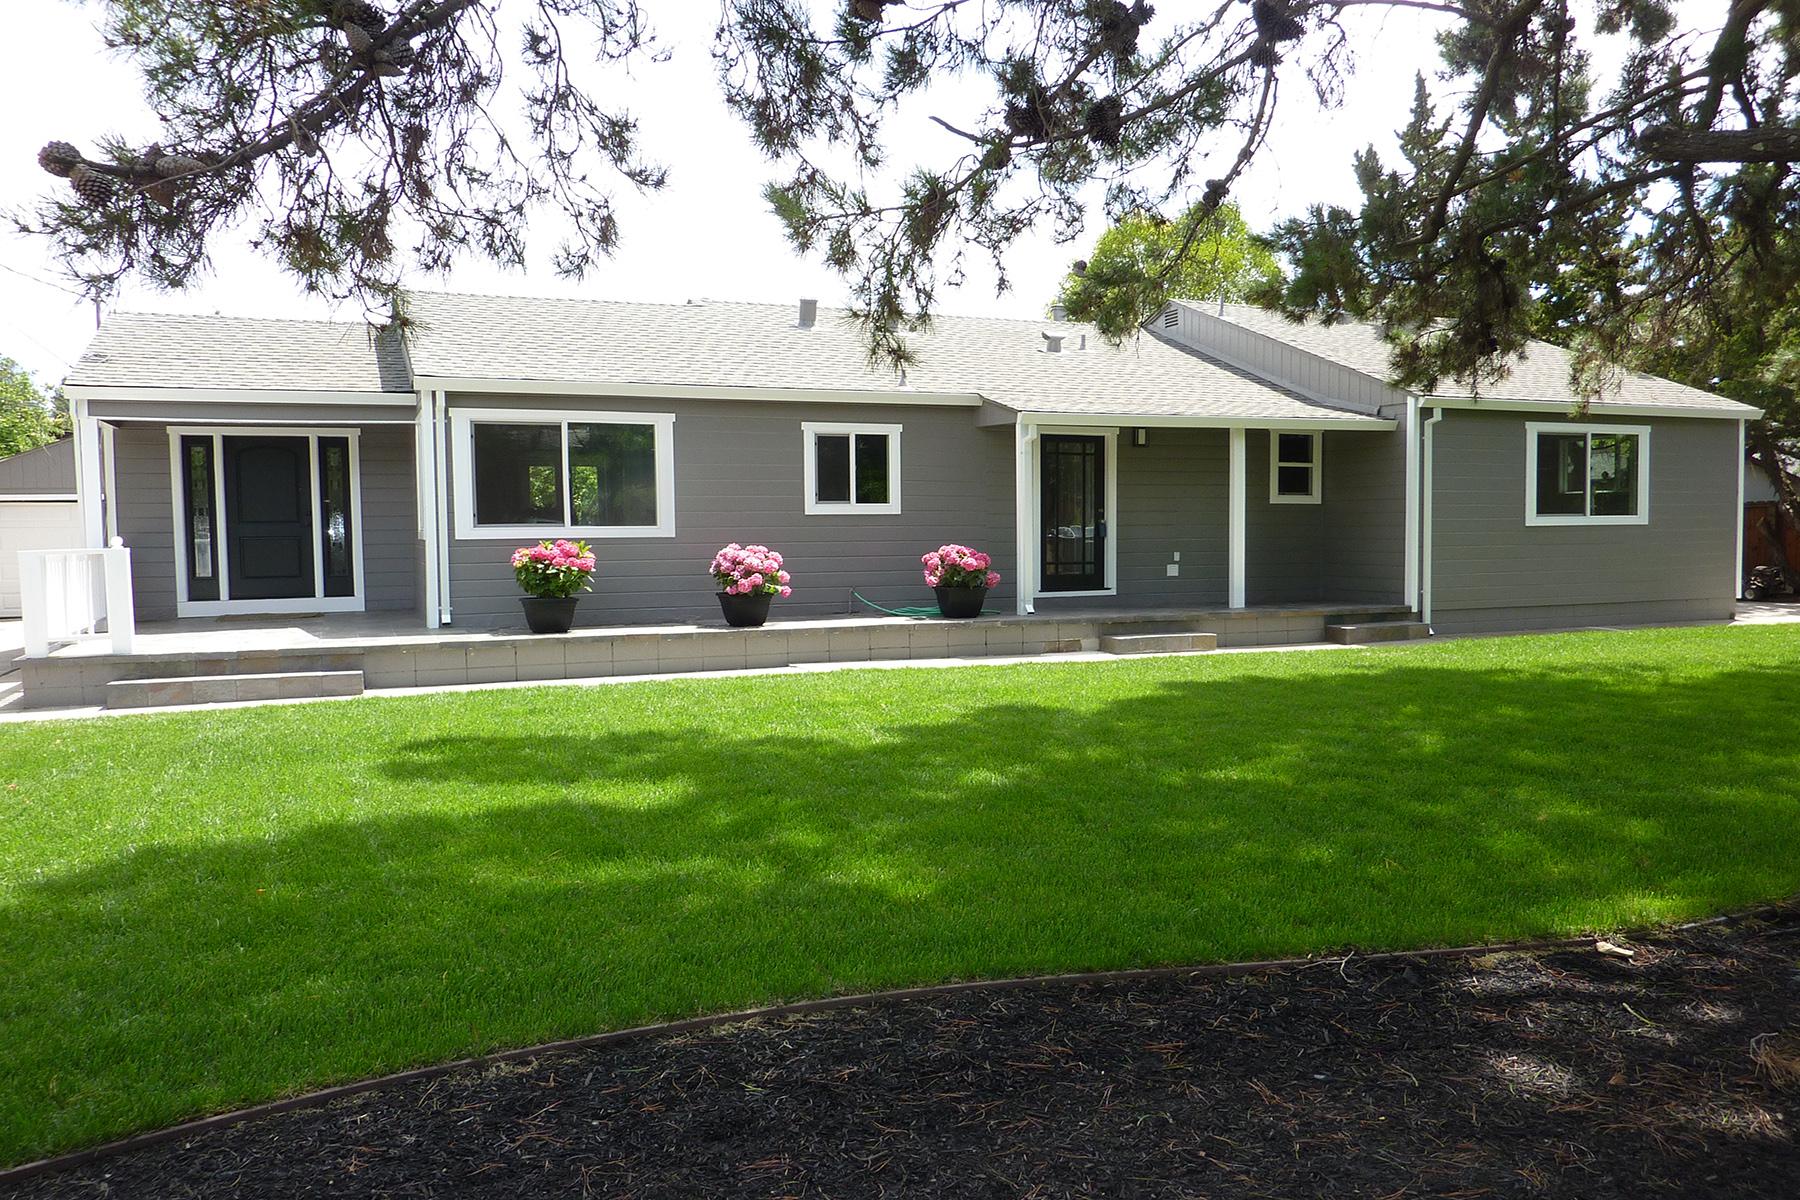 Частный односемейный дом для того Продажа на 1101 Pear Tree Ln, Napa, CA 94558 1101 Pear Tree Ln Napa, Калифорния, 94558 Соединенные Штаты